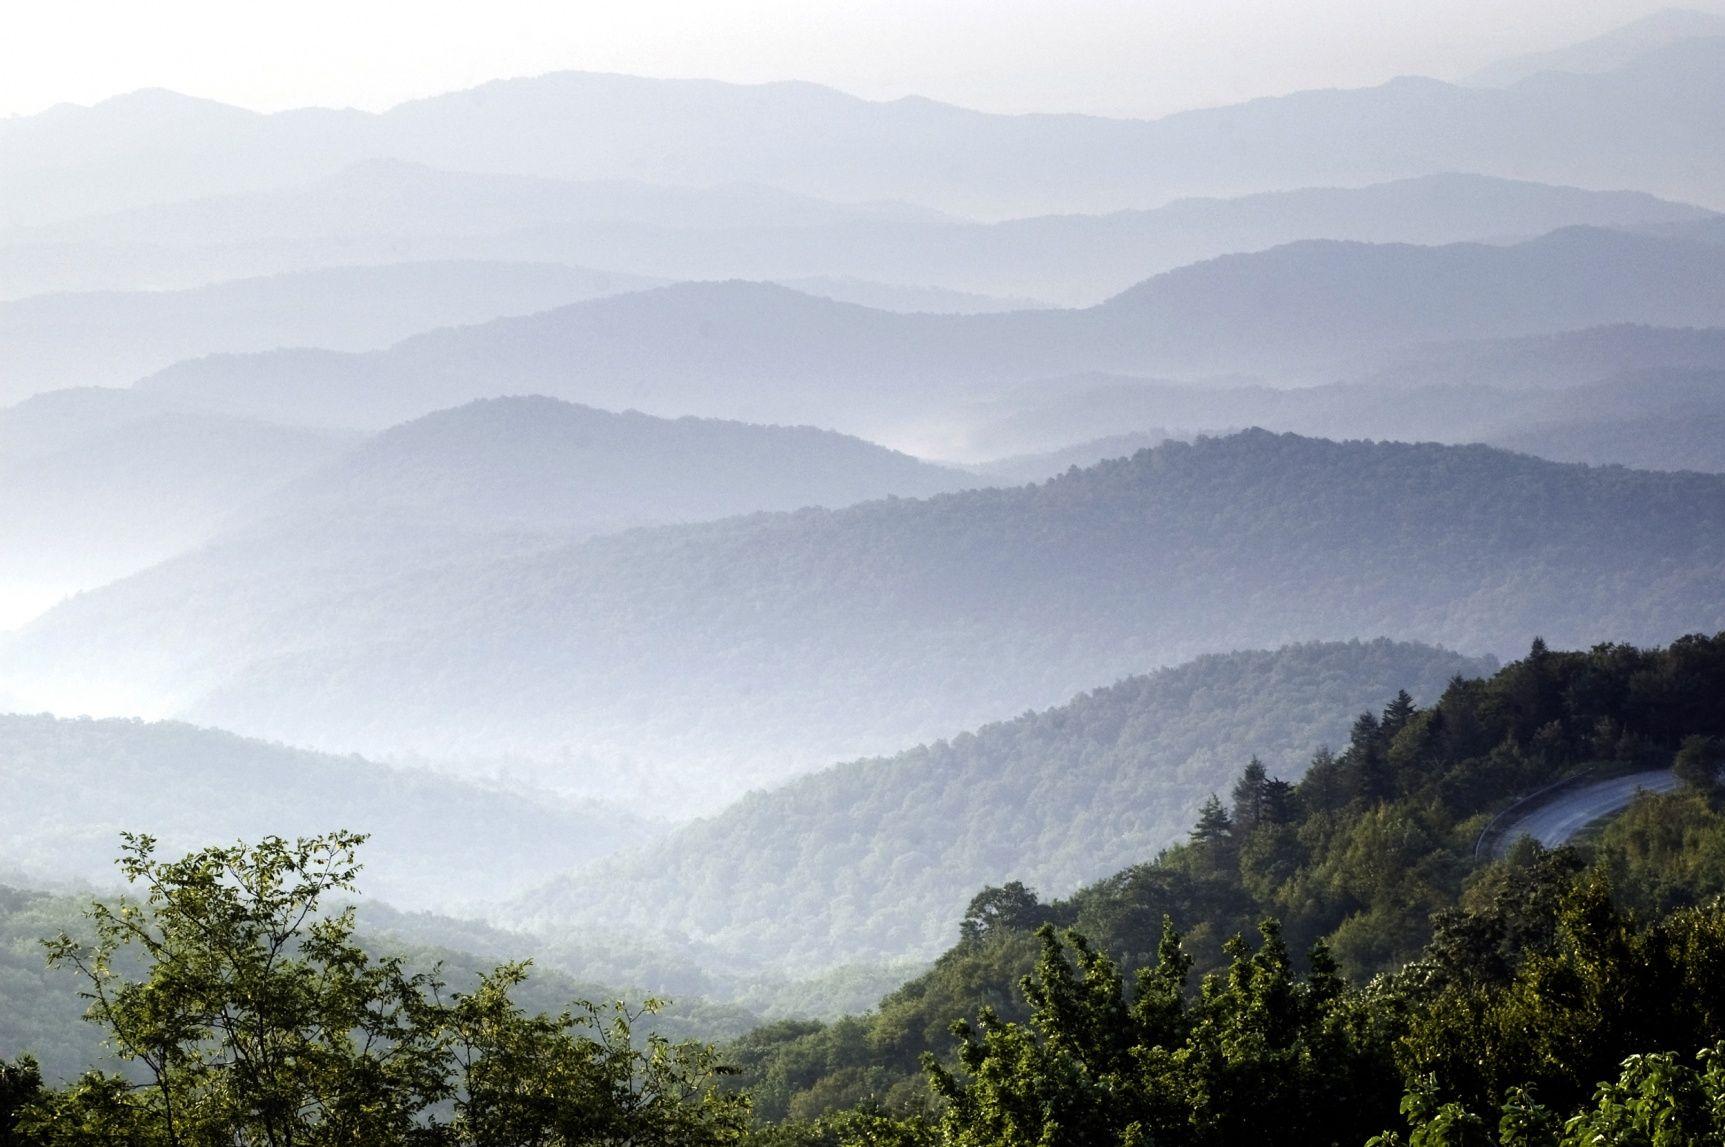 ridge mountains pinterest - photo #19